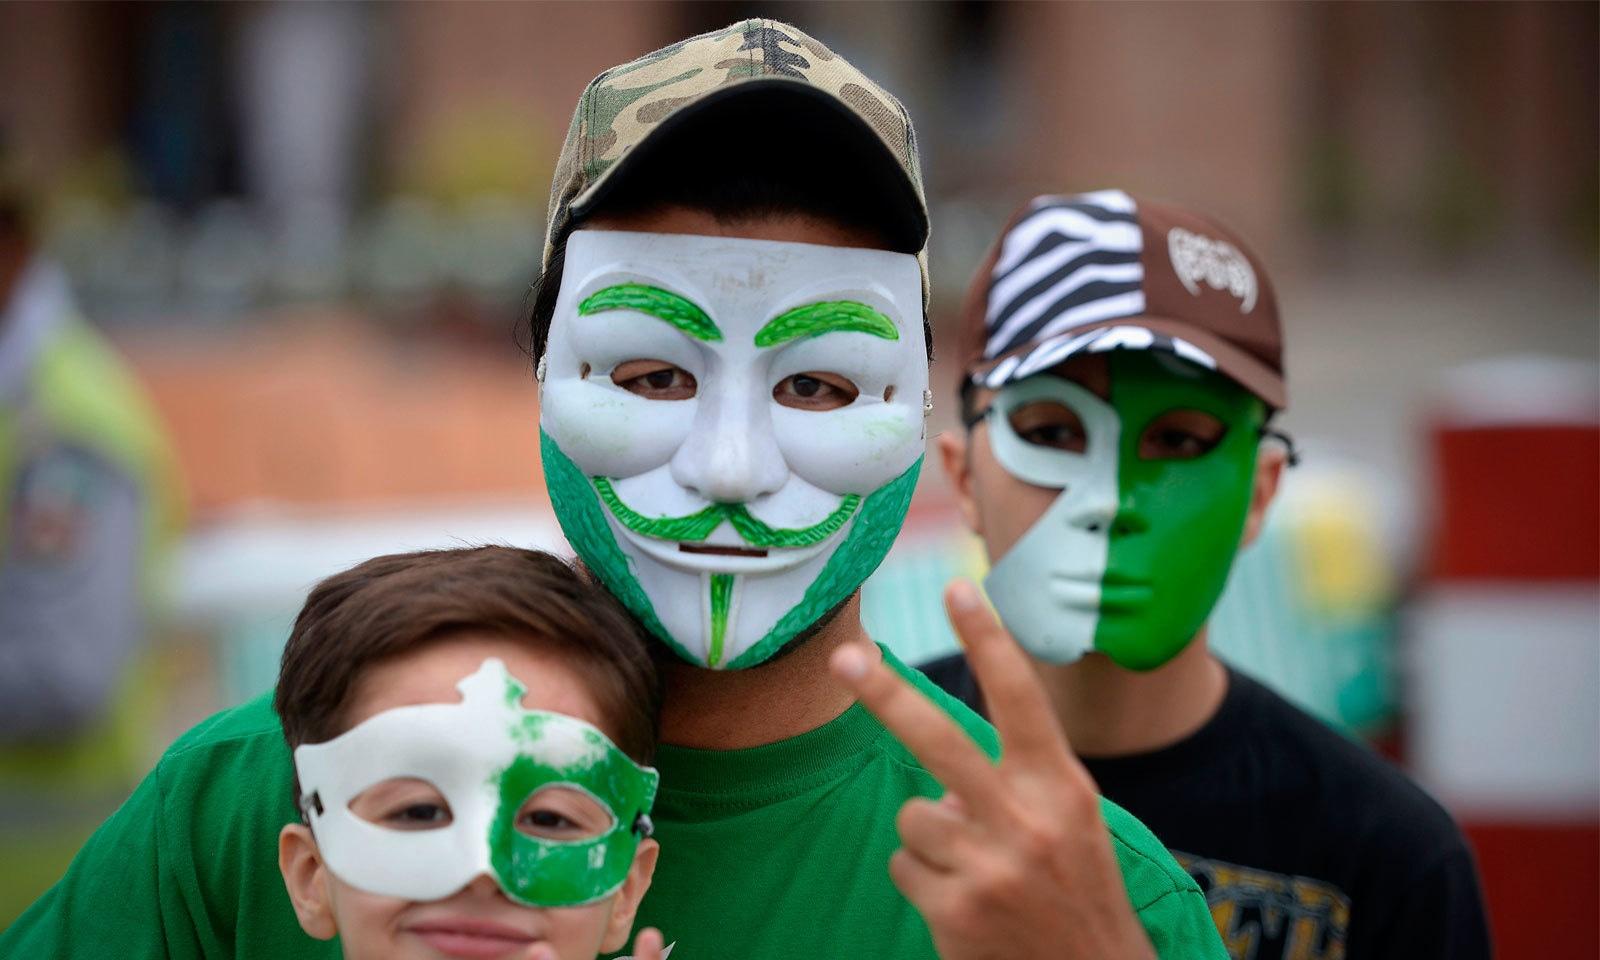 بچے بڑے سب ہی جشن آزادی مناتے ہوئے دکھائی دیے — فوٹو: اے ایف  پی